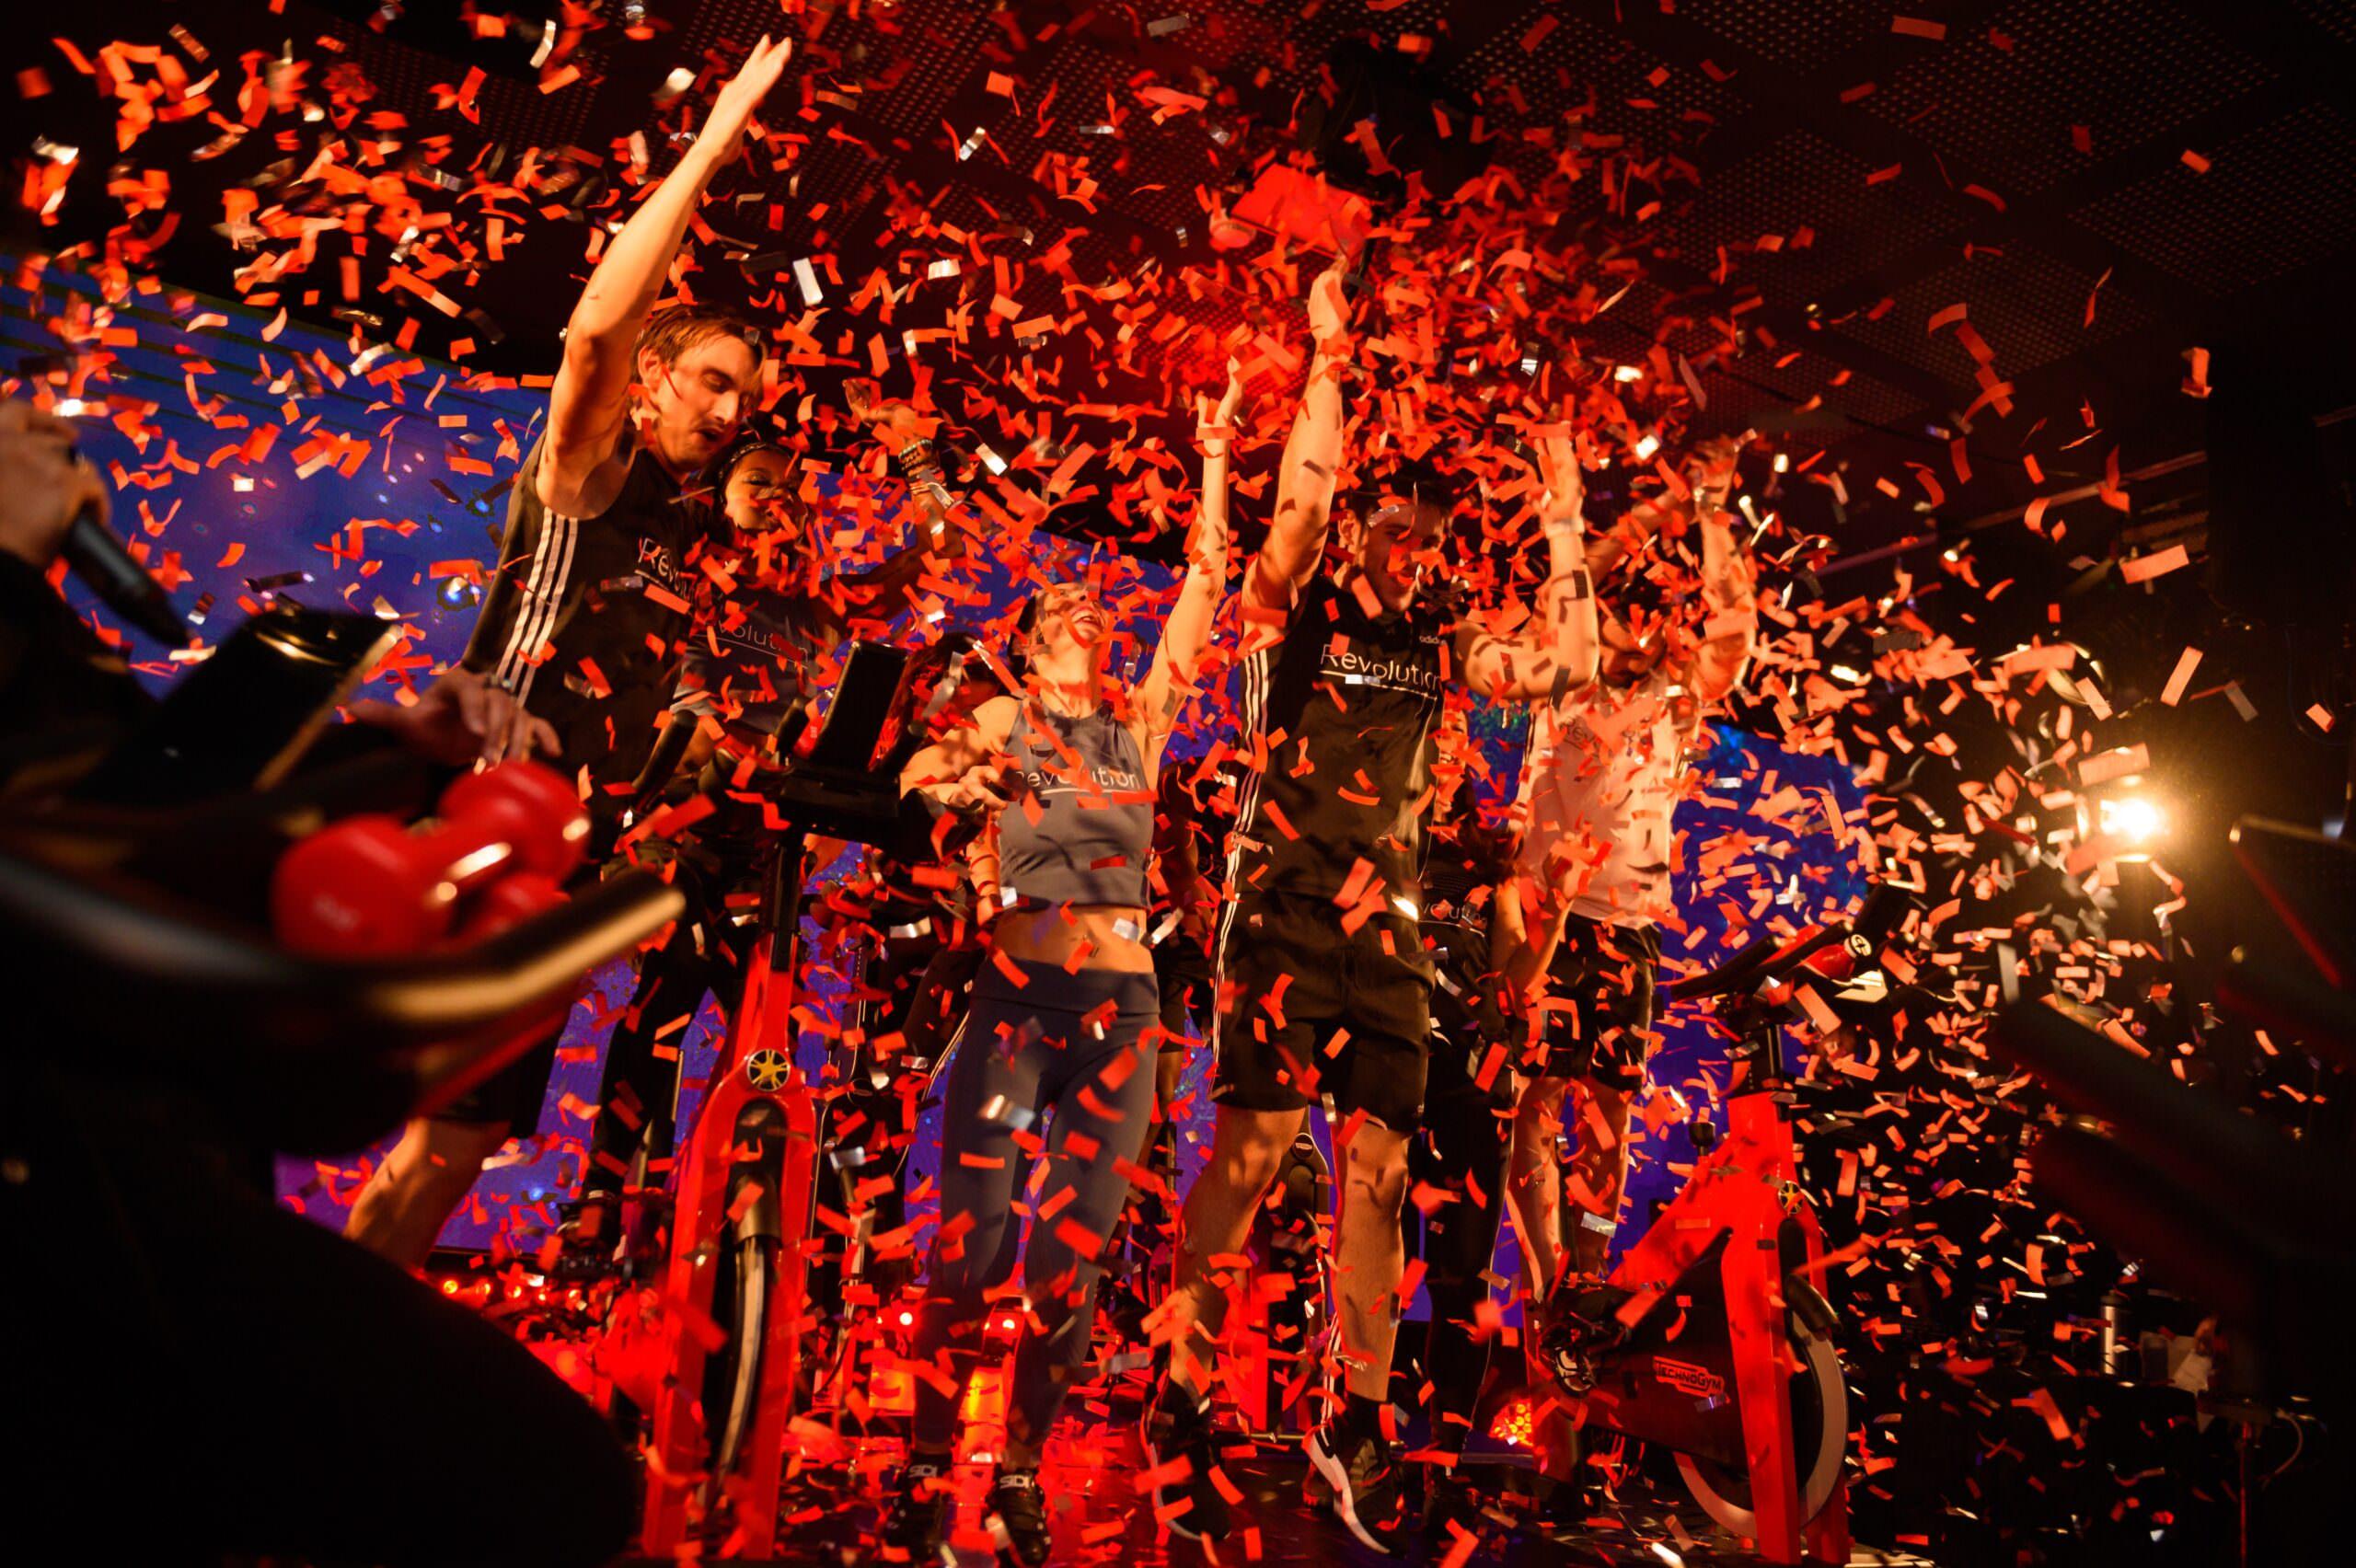 virgin-active-revolution-gruppo-peroni-eventi-06